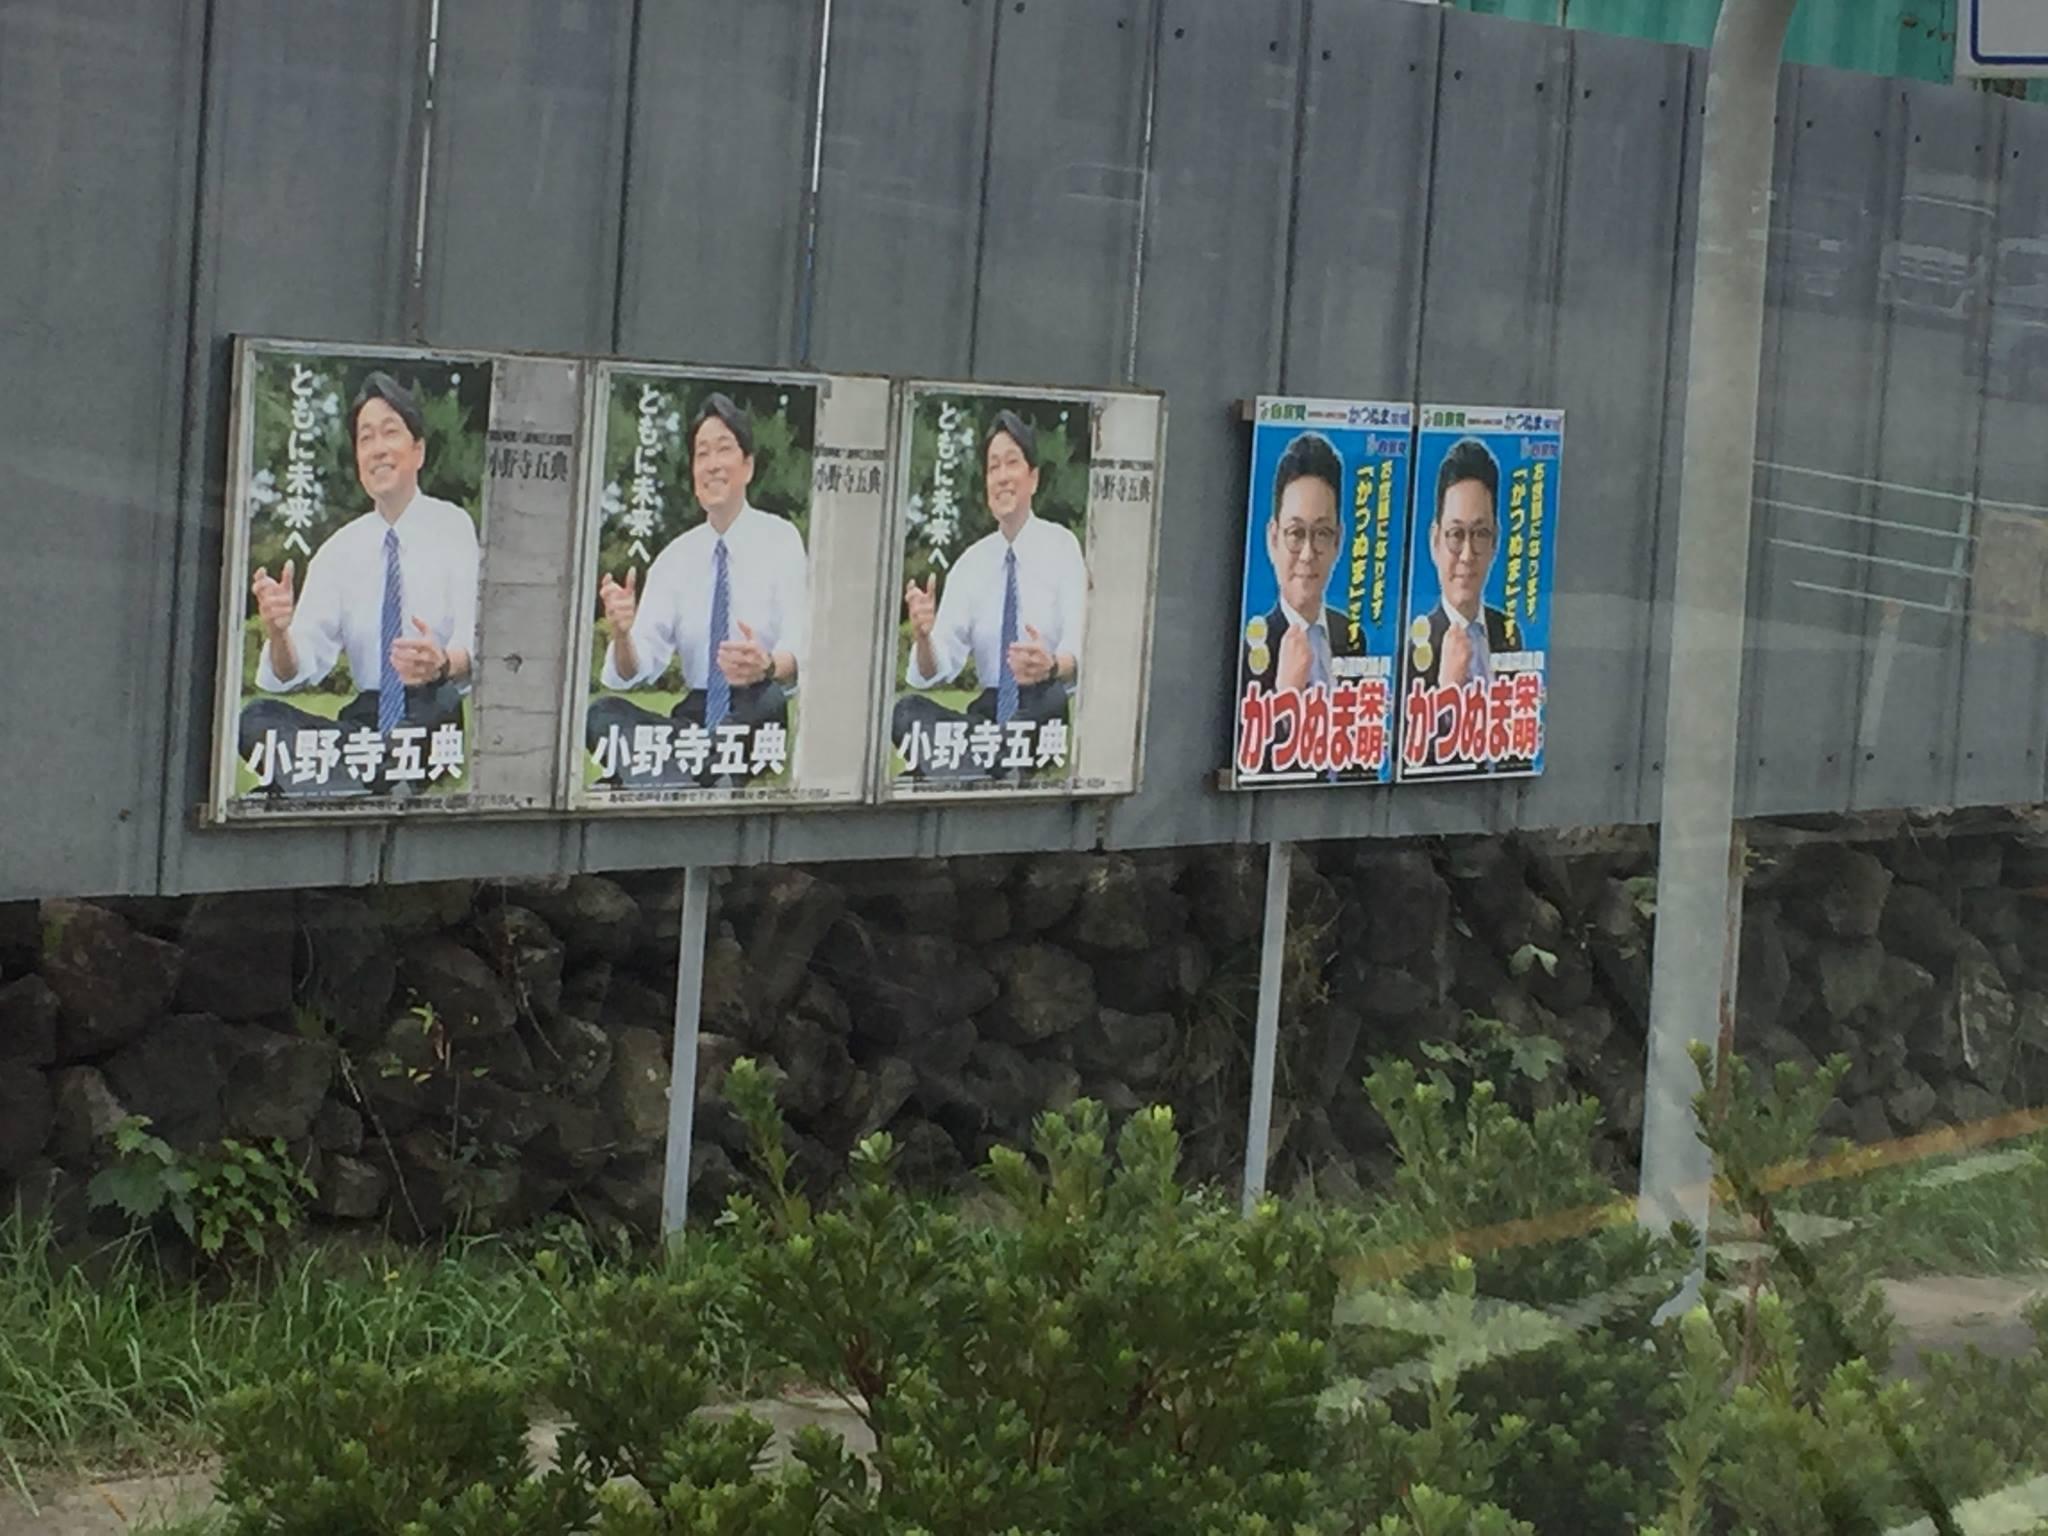 小野寺氏のポスターと地盤を引き継ぐ勝沼氏のポスター